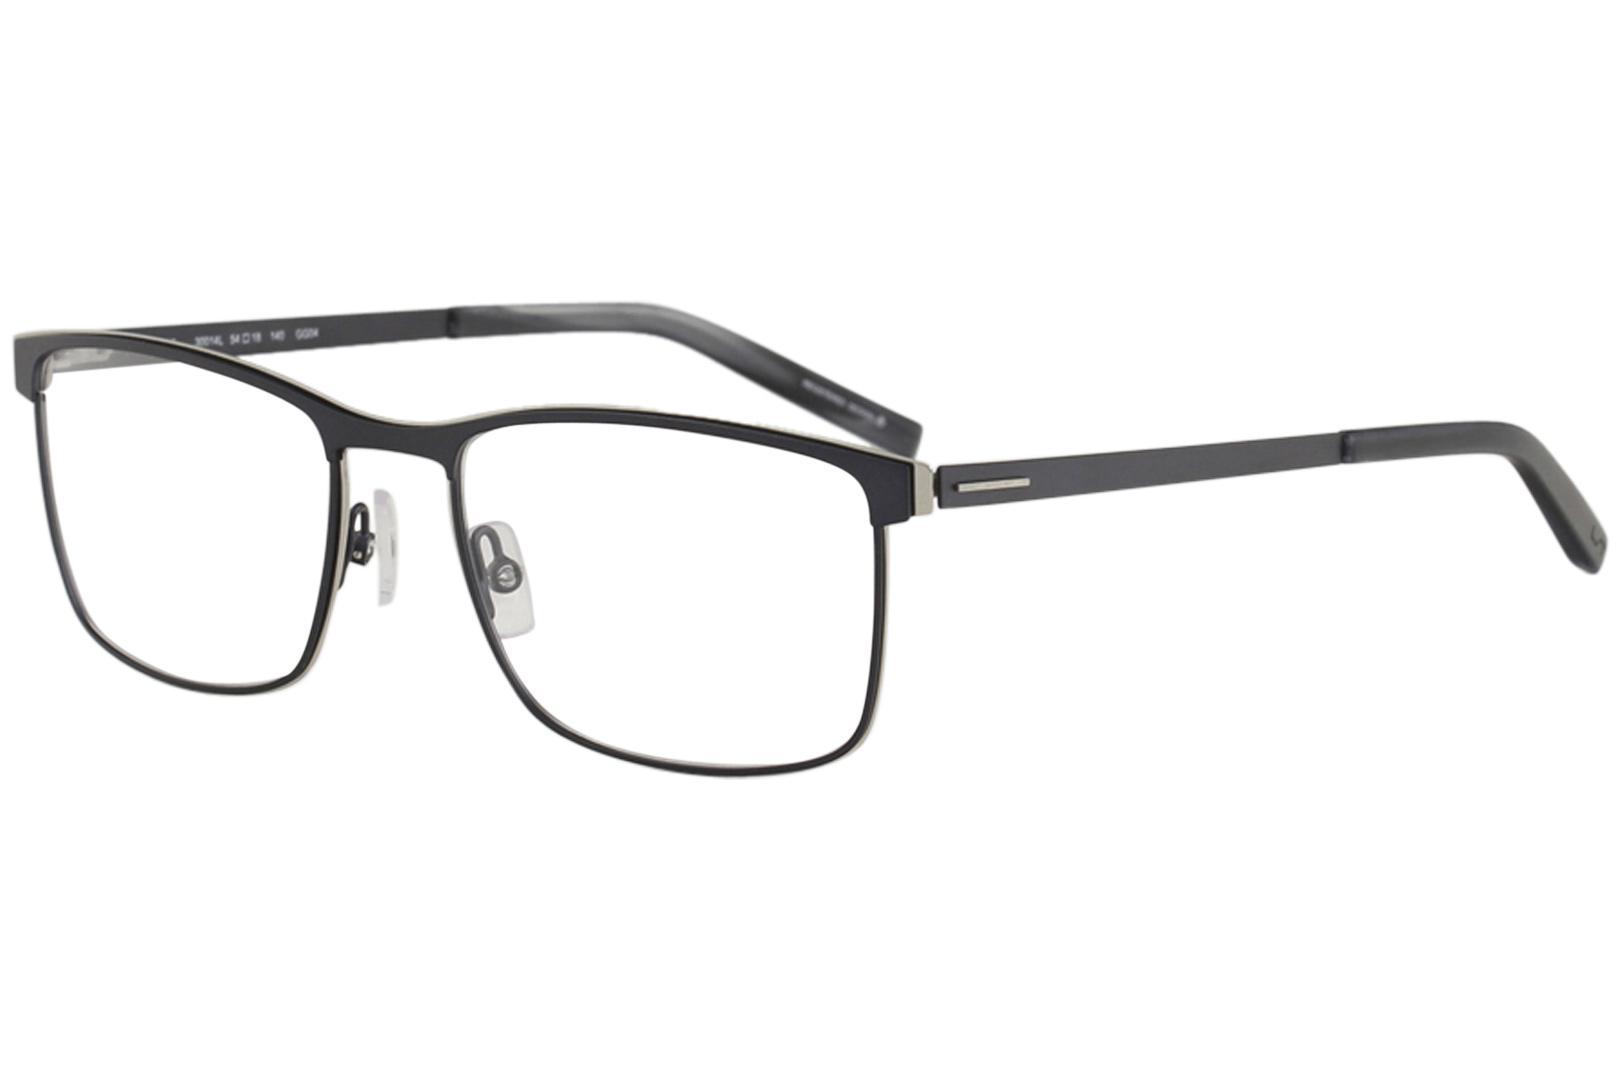 6355ad9a8a5d Morel Men s Eyeglasses Lightec 30014L 30014 L Full Rim Optical Frame